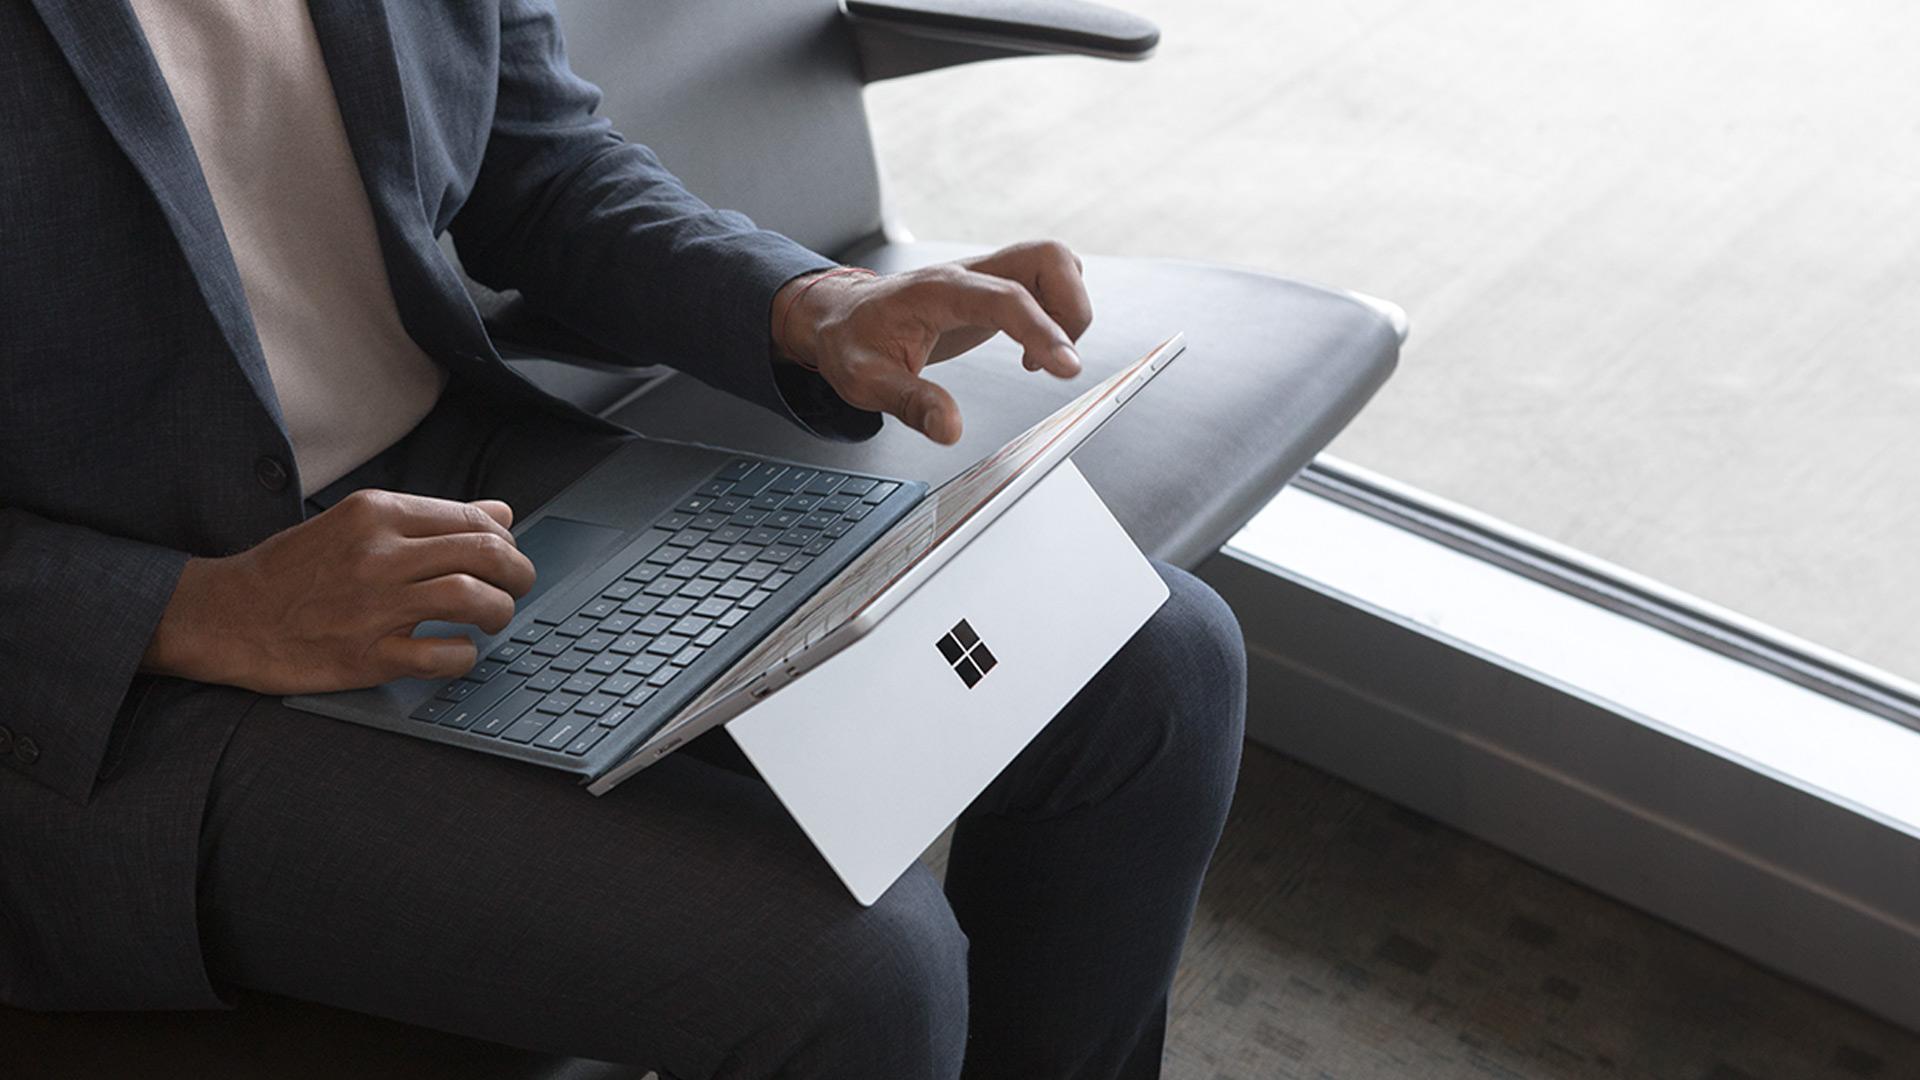 机场休息室内,有个人正使用膝上的 Surface Pro 工作